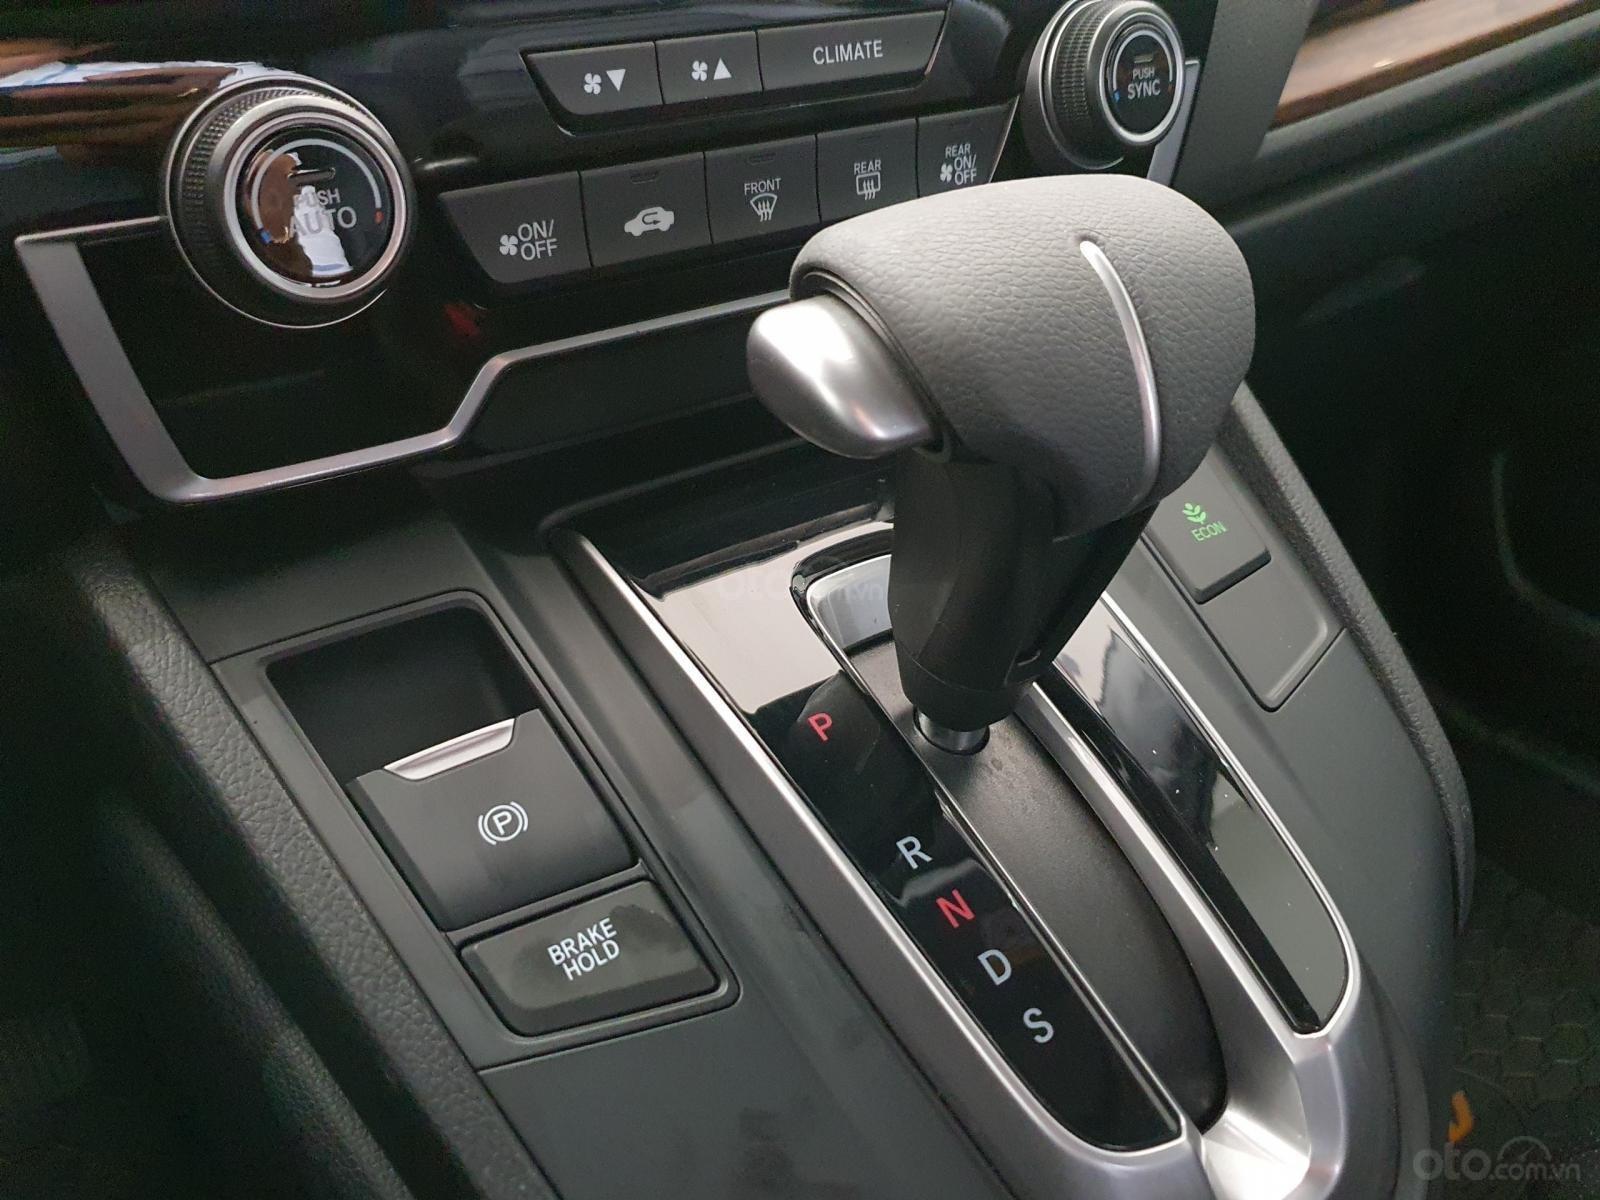 Bán xe Honda CR V sản xuất 2018, giá chỉ 960 triệu, xe siêu đẹp (11)